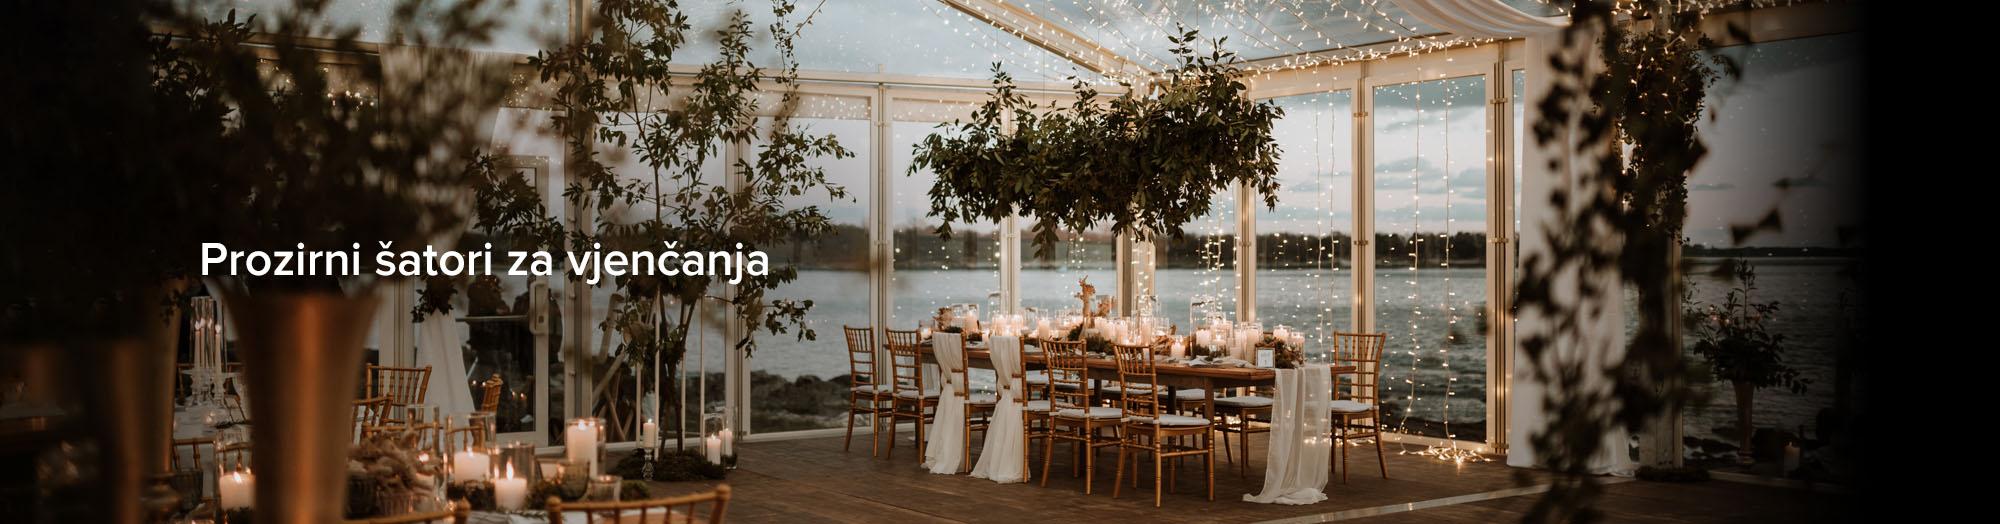 Prozirni šatori za vjenčanja